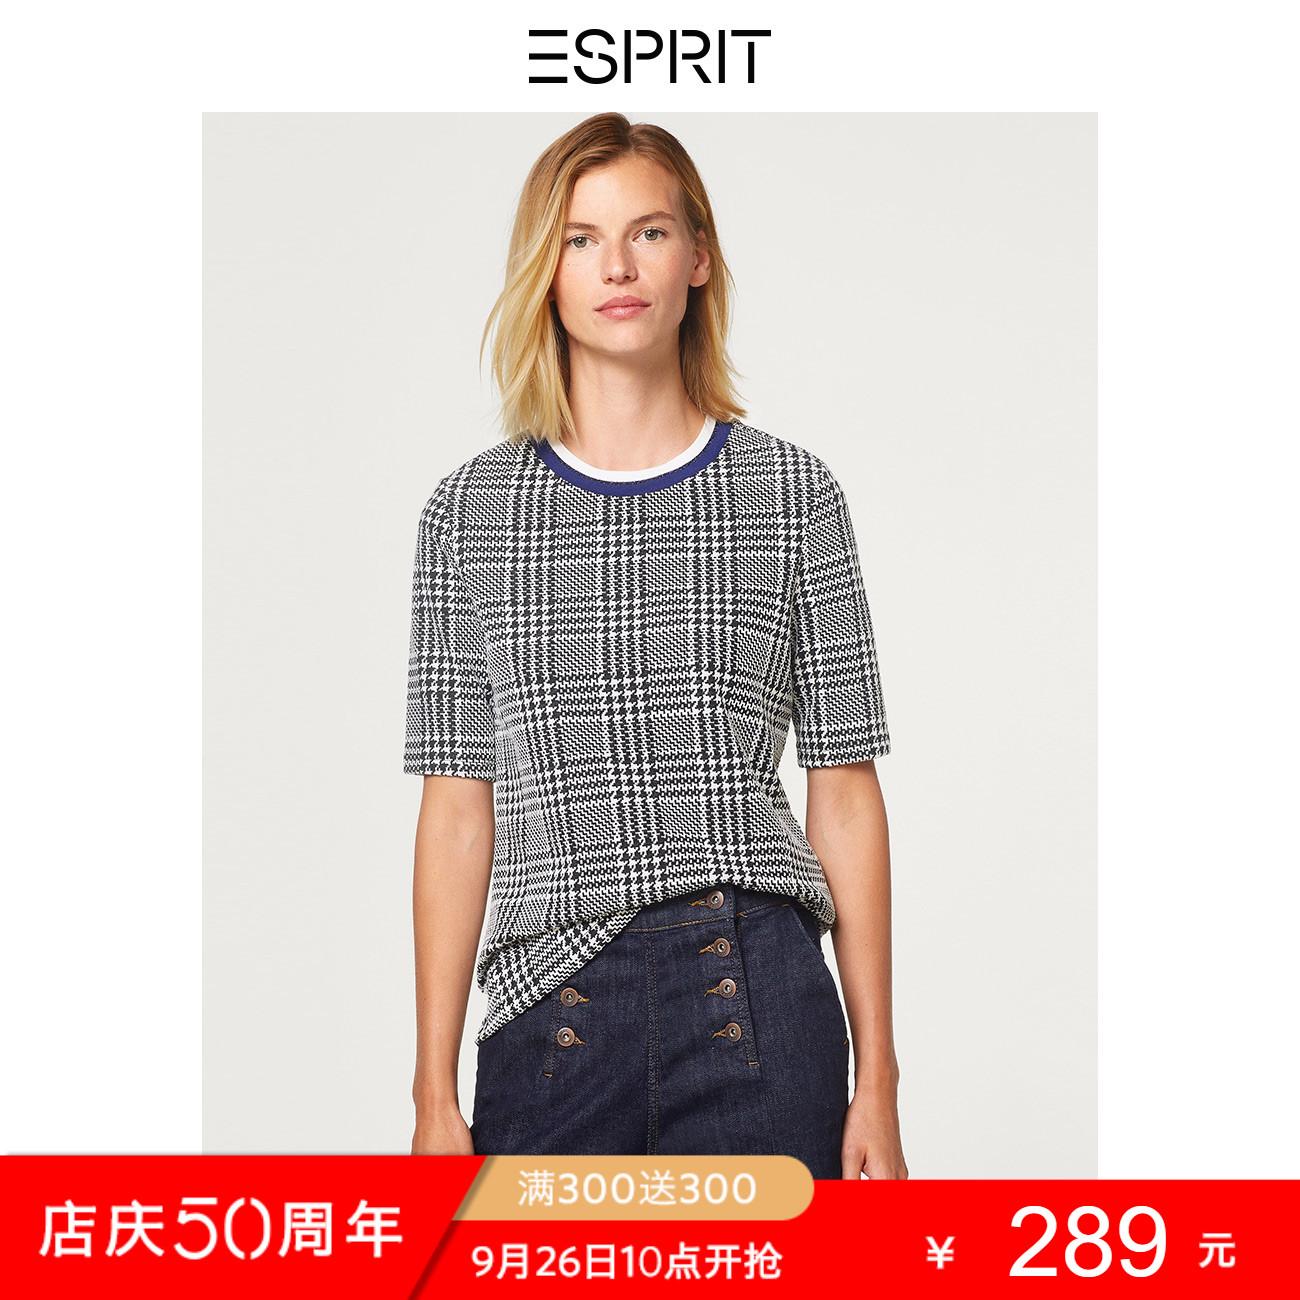 ESPRIT 女装秋新款千鸟格休闲格子上衣圆领T恤短袖女-098EE1K015